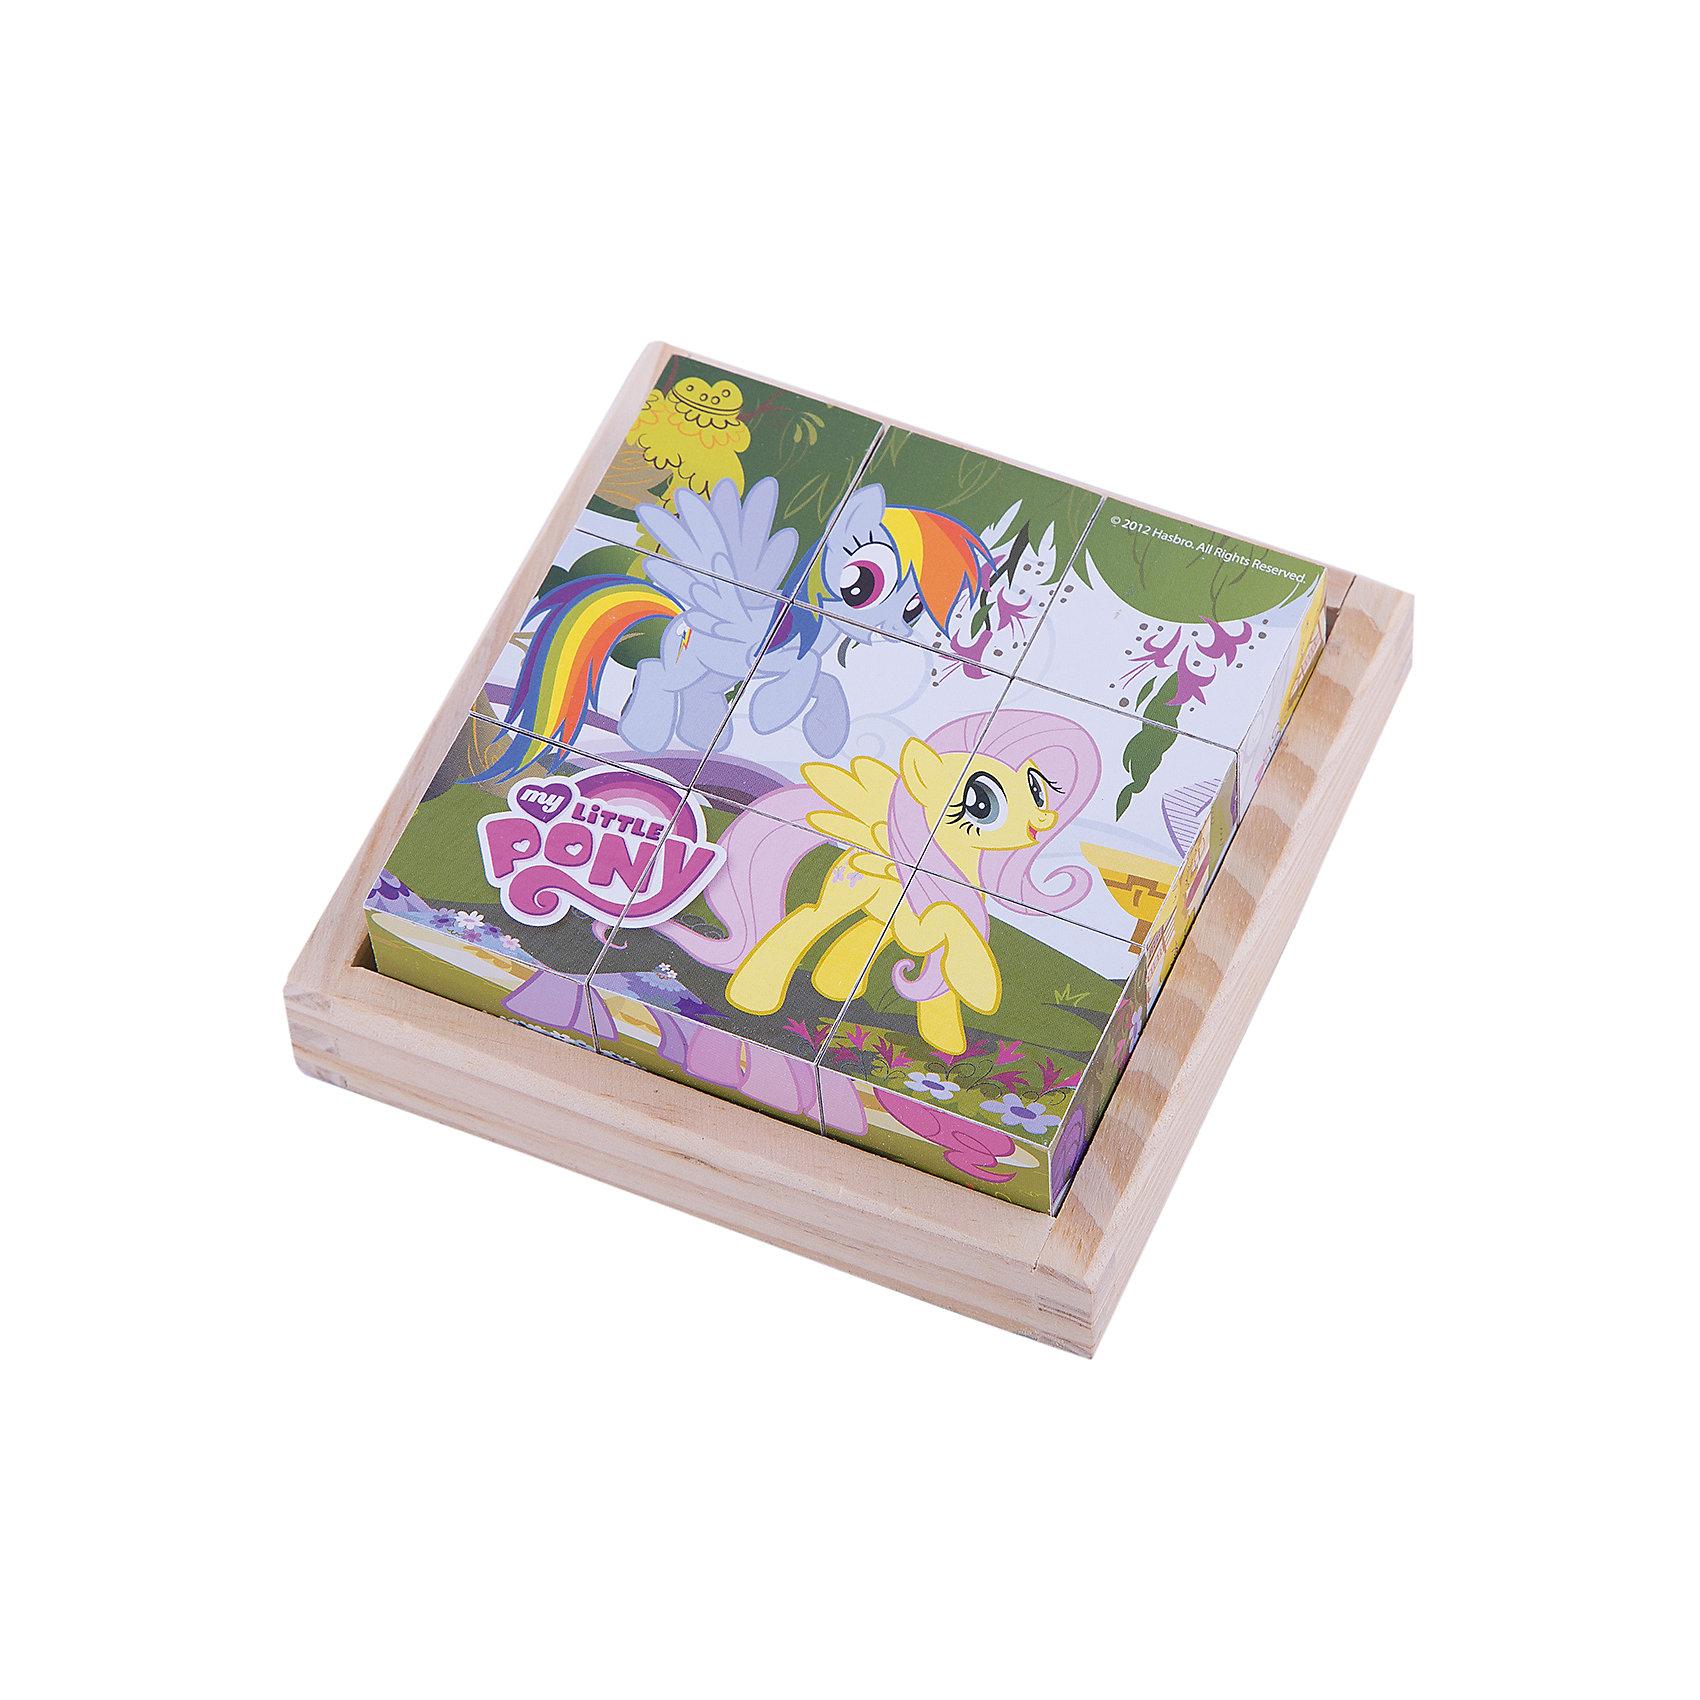 Деревянные кубики My little Pony, Играем вместеИгрушки<br>Разноцветные кубики - важный инструмент развития ребенка младшего возраста. Деревянные кубики My Little Pony (Мой маленький пони) созданы специально для того, чтобы малыш в развлекательной приятной форме тренировал мелкую моторику, логику и внимание. Кубики выполнены из дерева и покрыты безопасной краской, поэтому Вы можете использовать их для игры с самыми маленькими детьми. Сначала кроха будет рассматривать их и строить башенки, затем составлять замечательные картинки. Ведь на каждой стороне кубиков удивительные картинки из любимого мультсериала My Little Pony (Мой маленький пони). С помощью удобной подставки для хранения кубиков, Вы можете приучать малыша к порядку и аккуратности.<br><br>Дополнительная информация:<br><br>- 9 кубиков;<br>- Особенно понравится поклонникам мультсериала My Little Pony (Мой маленький пони);<br>- Удобная подставка для хранения;<br>- Красивые картинки;<br>- Материал: дерево;<br>- Размер упаковки: 13 х 13 х 5 см;<br>- Вес: 280 г<br><br>Деревянные кубики My little Pony (Мой маленький пони), Играем вместе, можно купить в нашем интернет-магазине.<br><br>Ширина мм: 130<br>Глубина мм: 130<br>Высота мм: 50<br>Вес г: 280<br>Возраст от месяцев: 12<br>Возраст до месяцев: 36<br>Пол: Женский<br>Возраст: Детский<br>SKU: 4166992